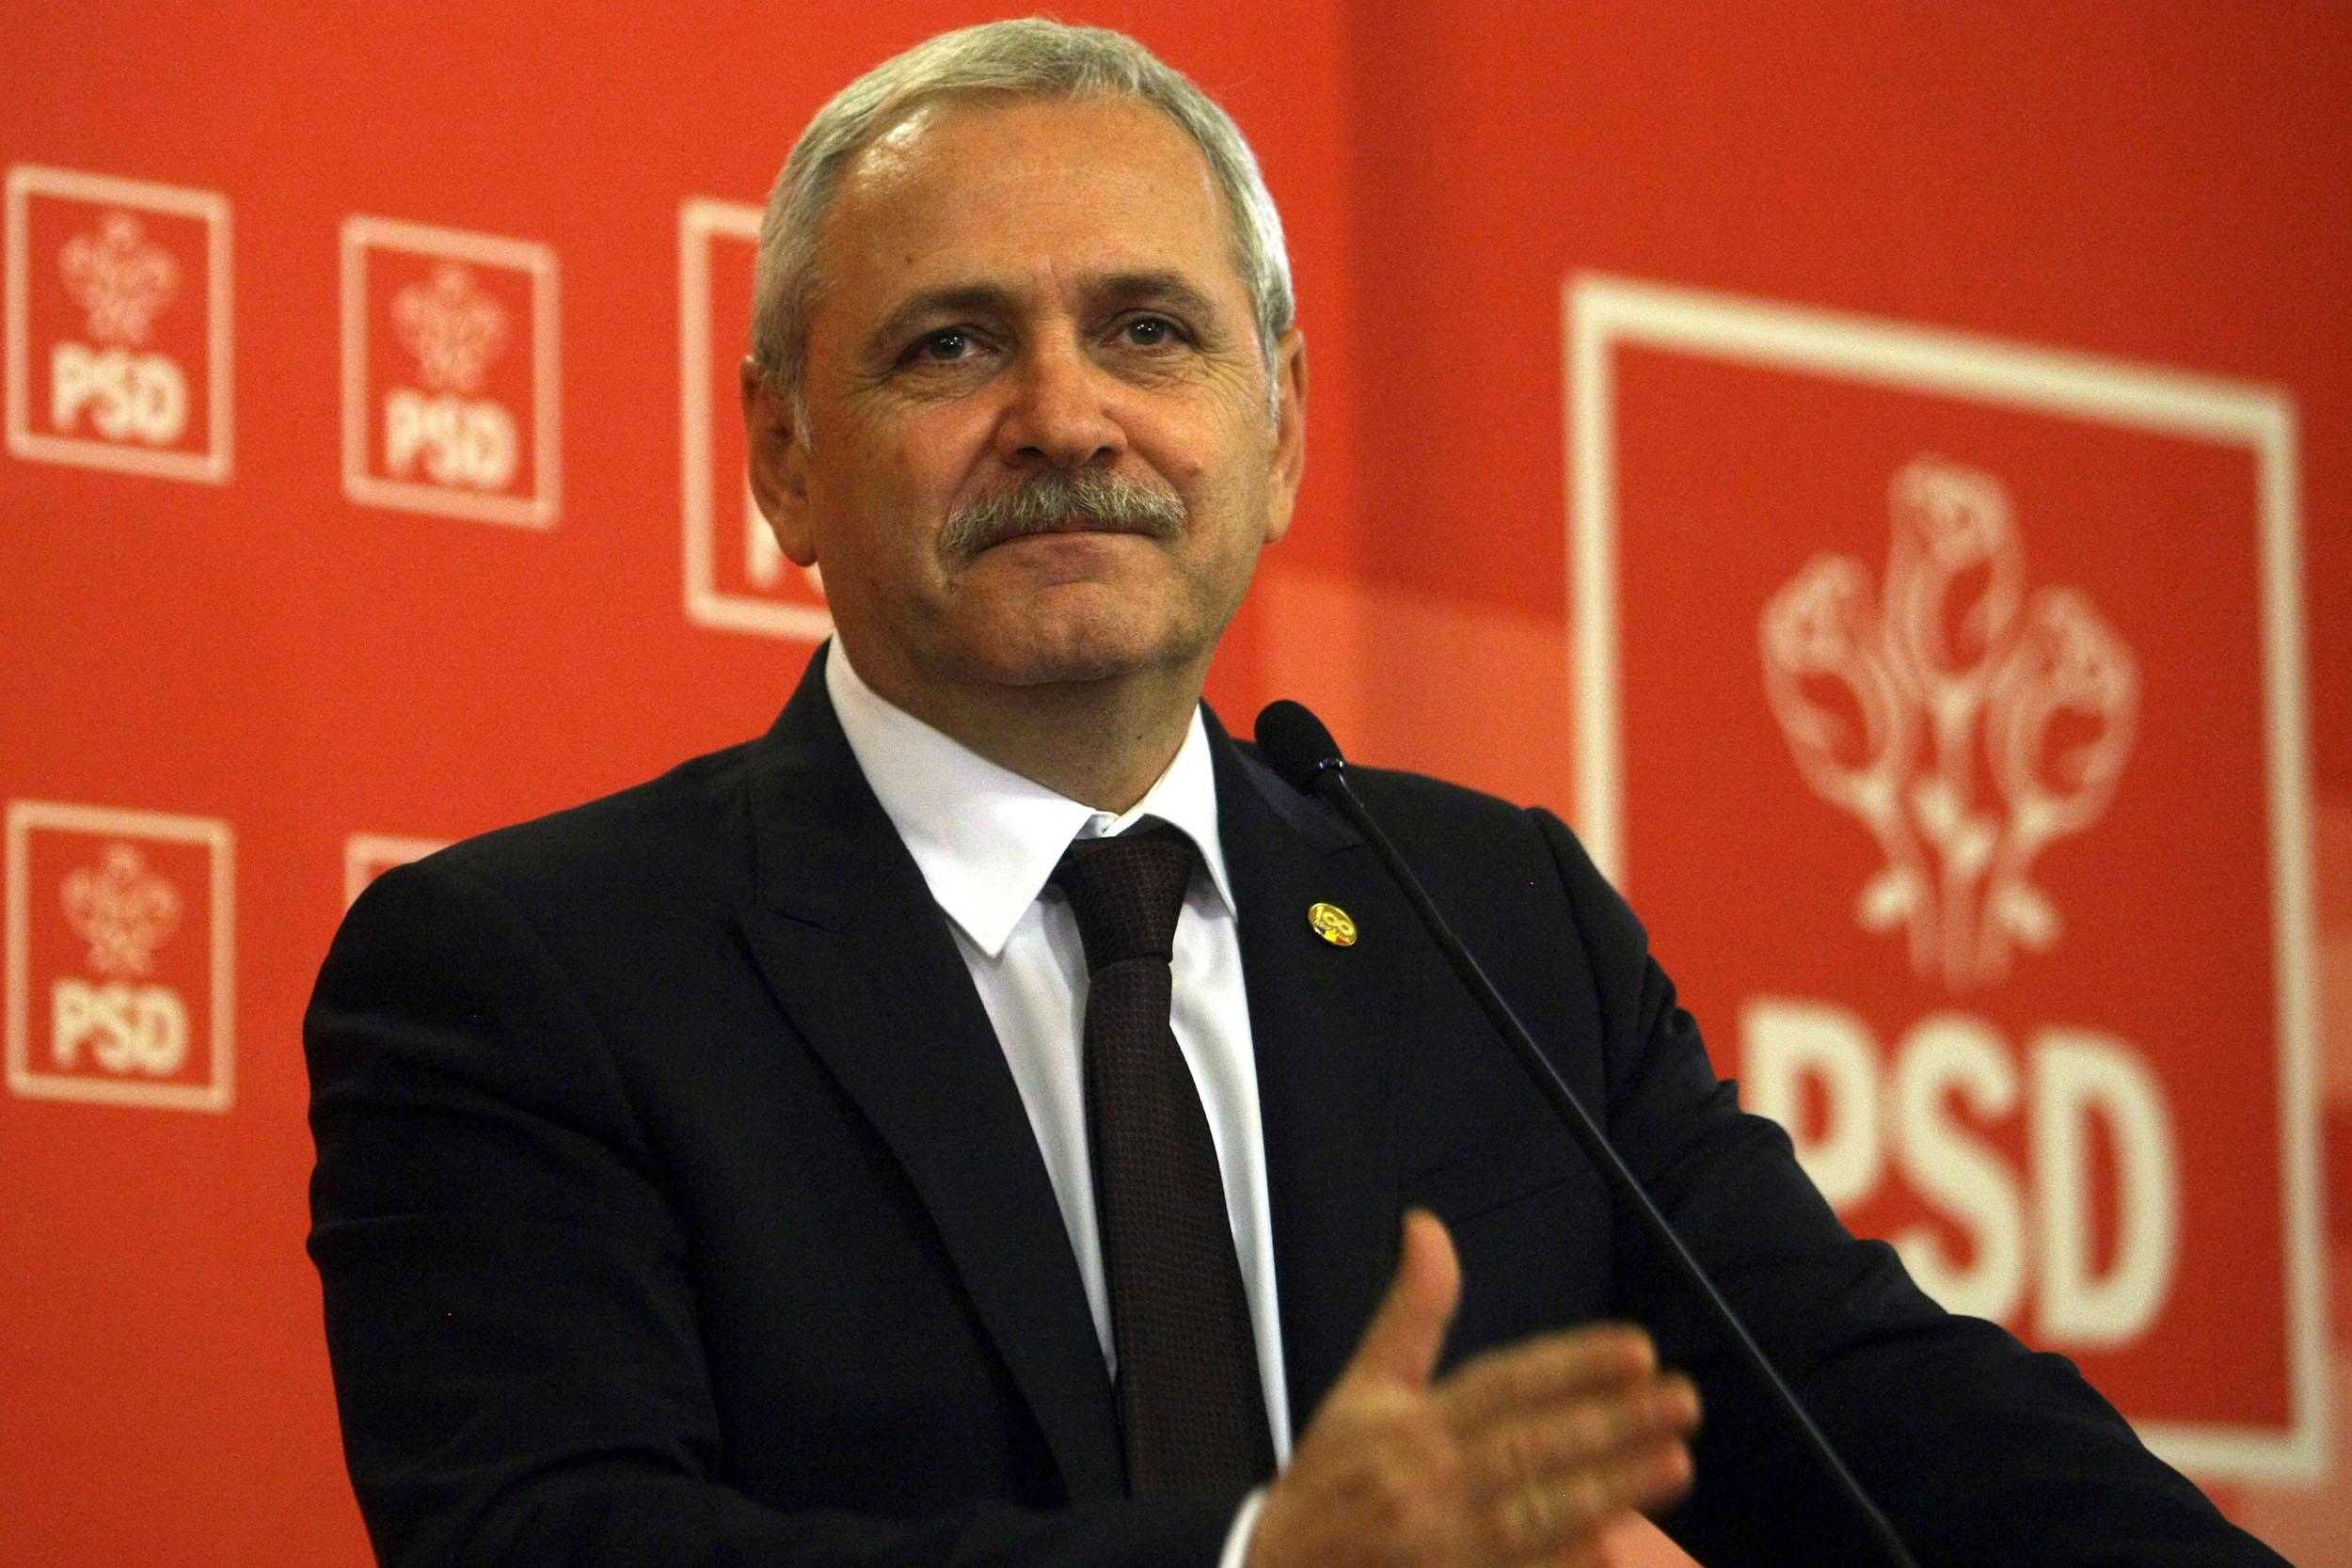 Câtă putere mai poate să aibă!?! Dragnea schimbă fața politicii din România…